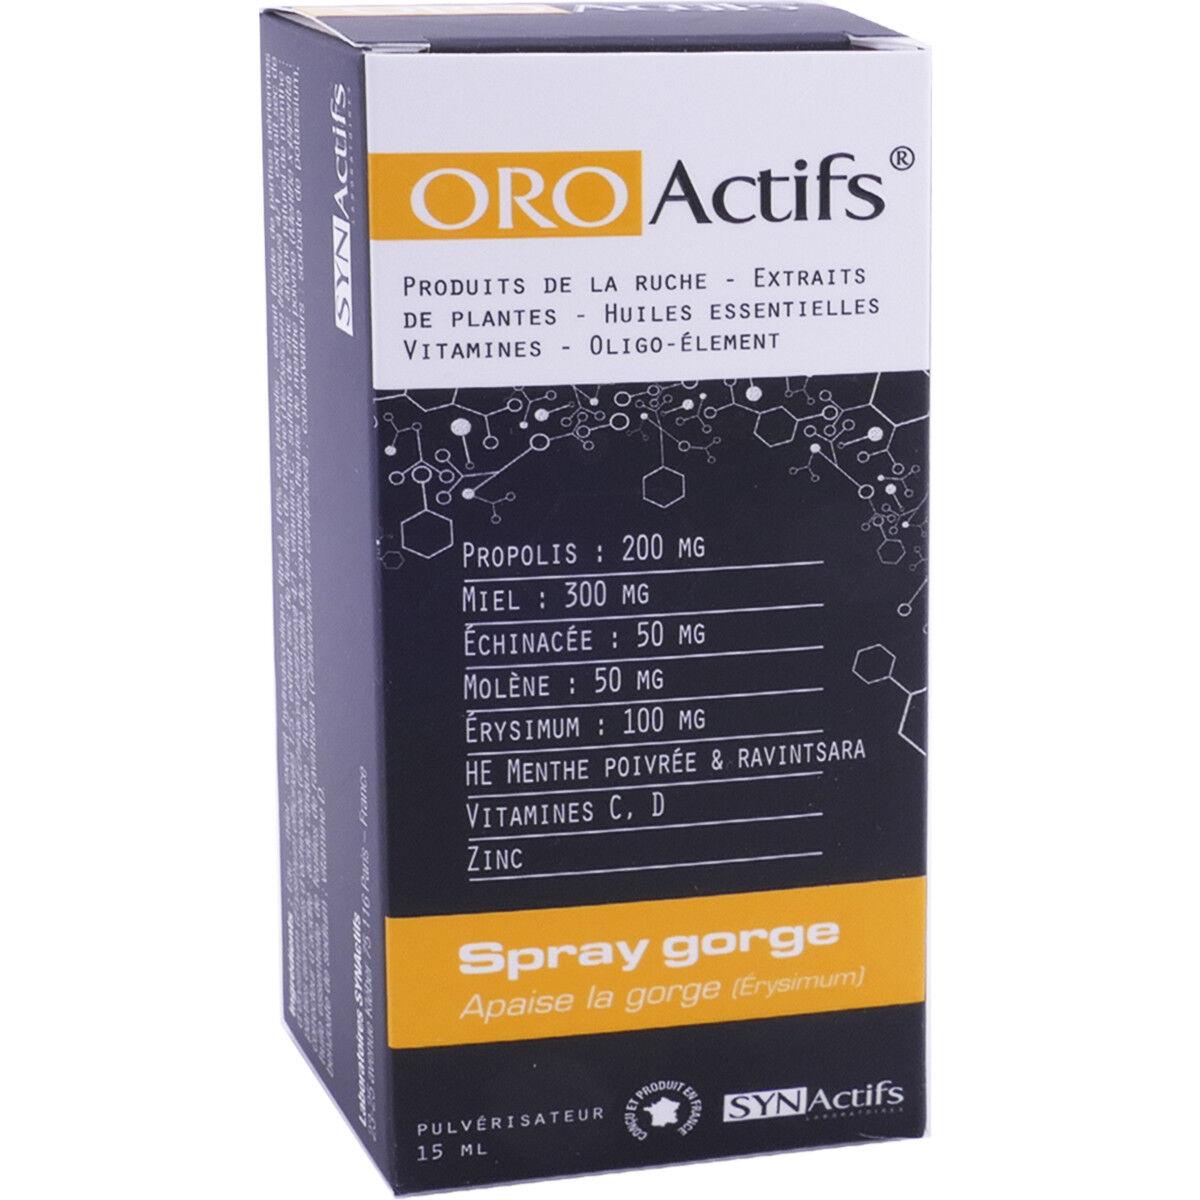 SYNACTIFS Oro actifs spray gorge propolis 15 ml